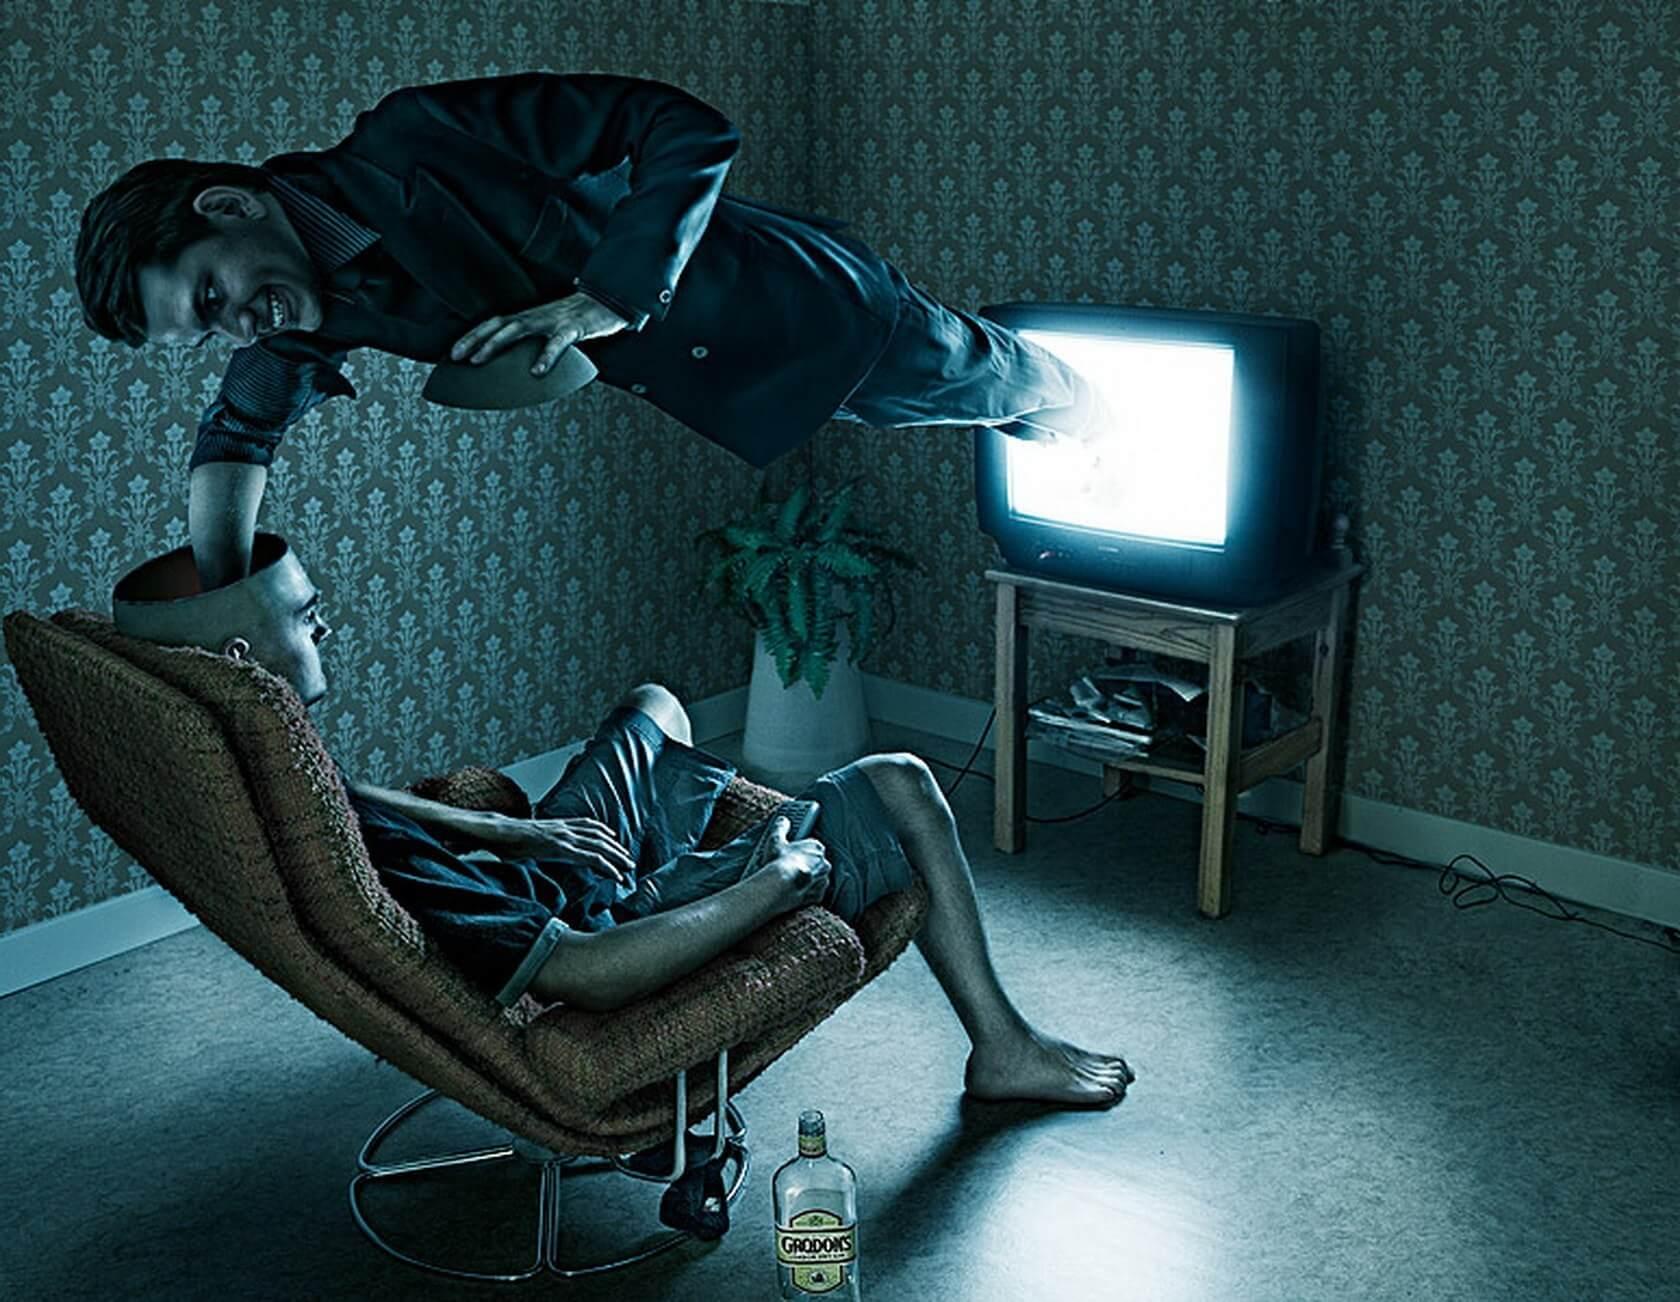 tehnici-de-manipulare-tehnici-inselare-la-tv-manipularea-maselor-mass-media-presa-televizor-ceicunoi